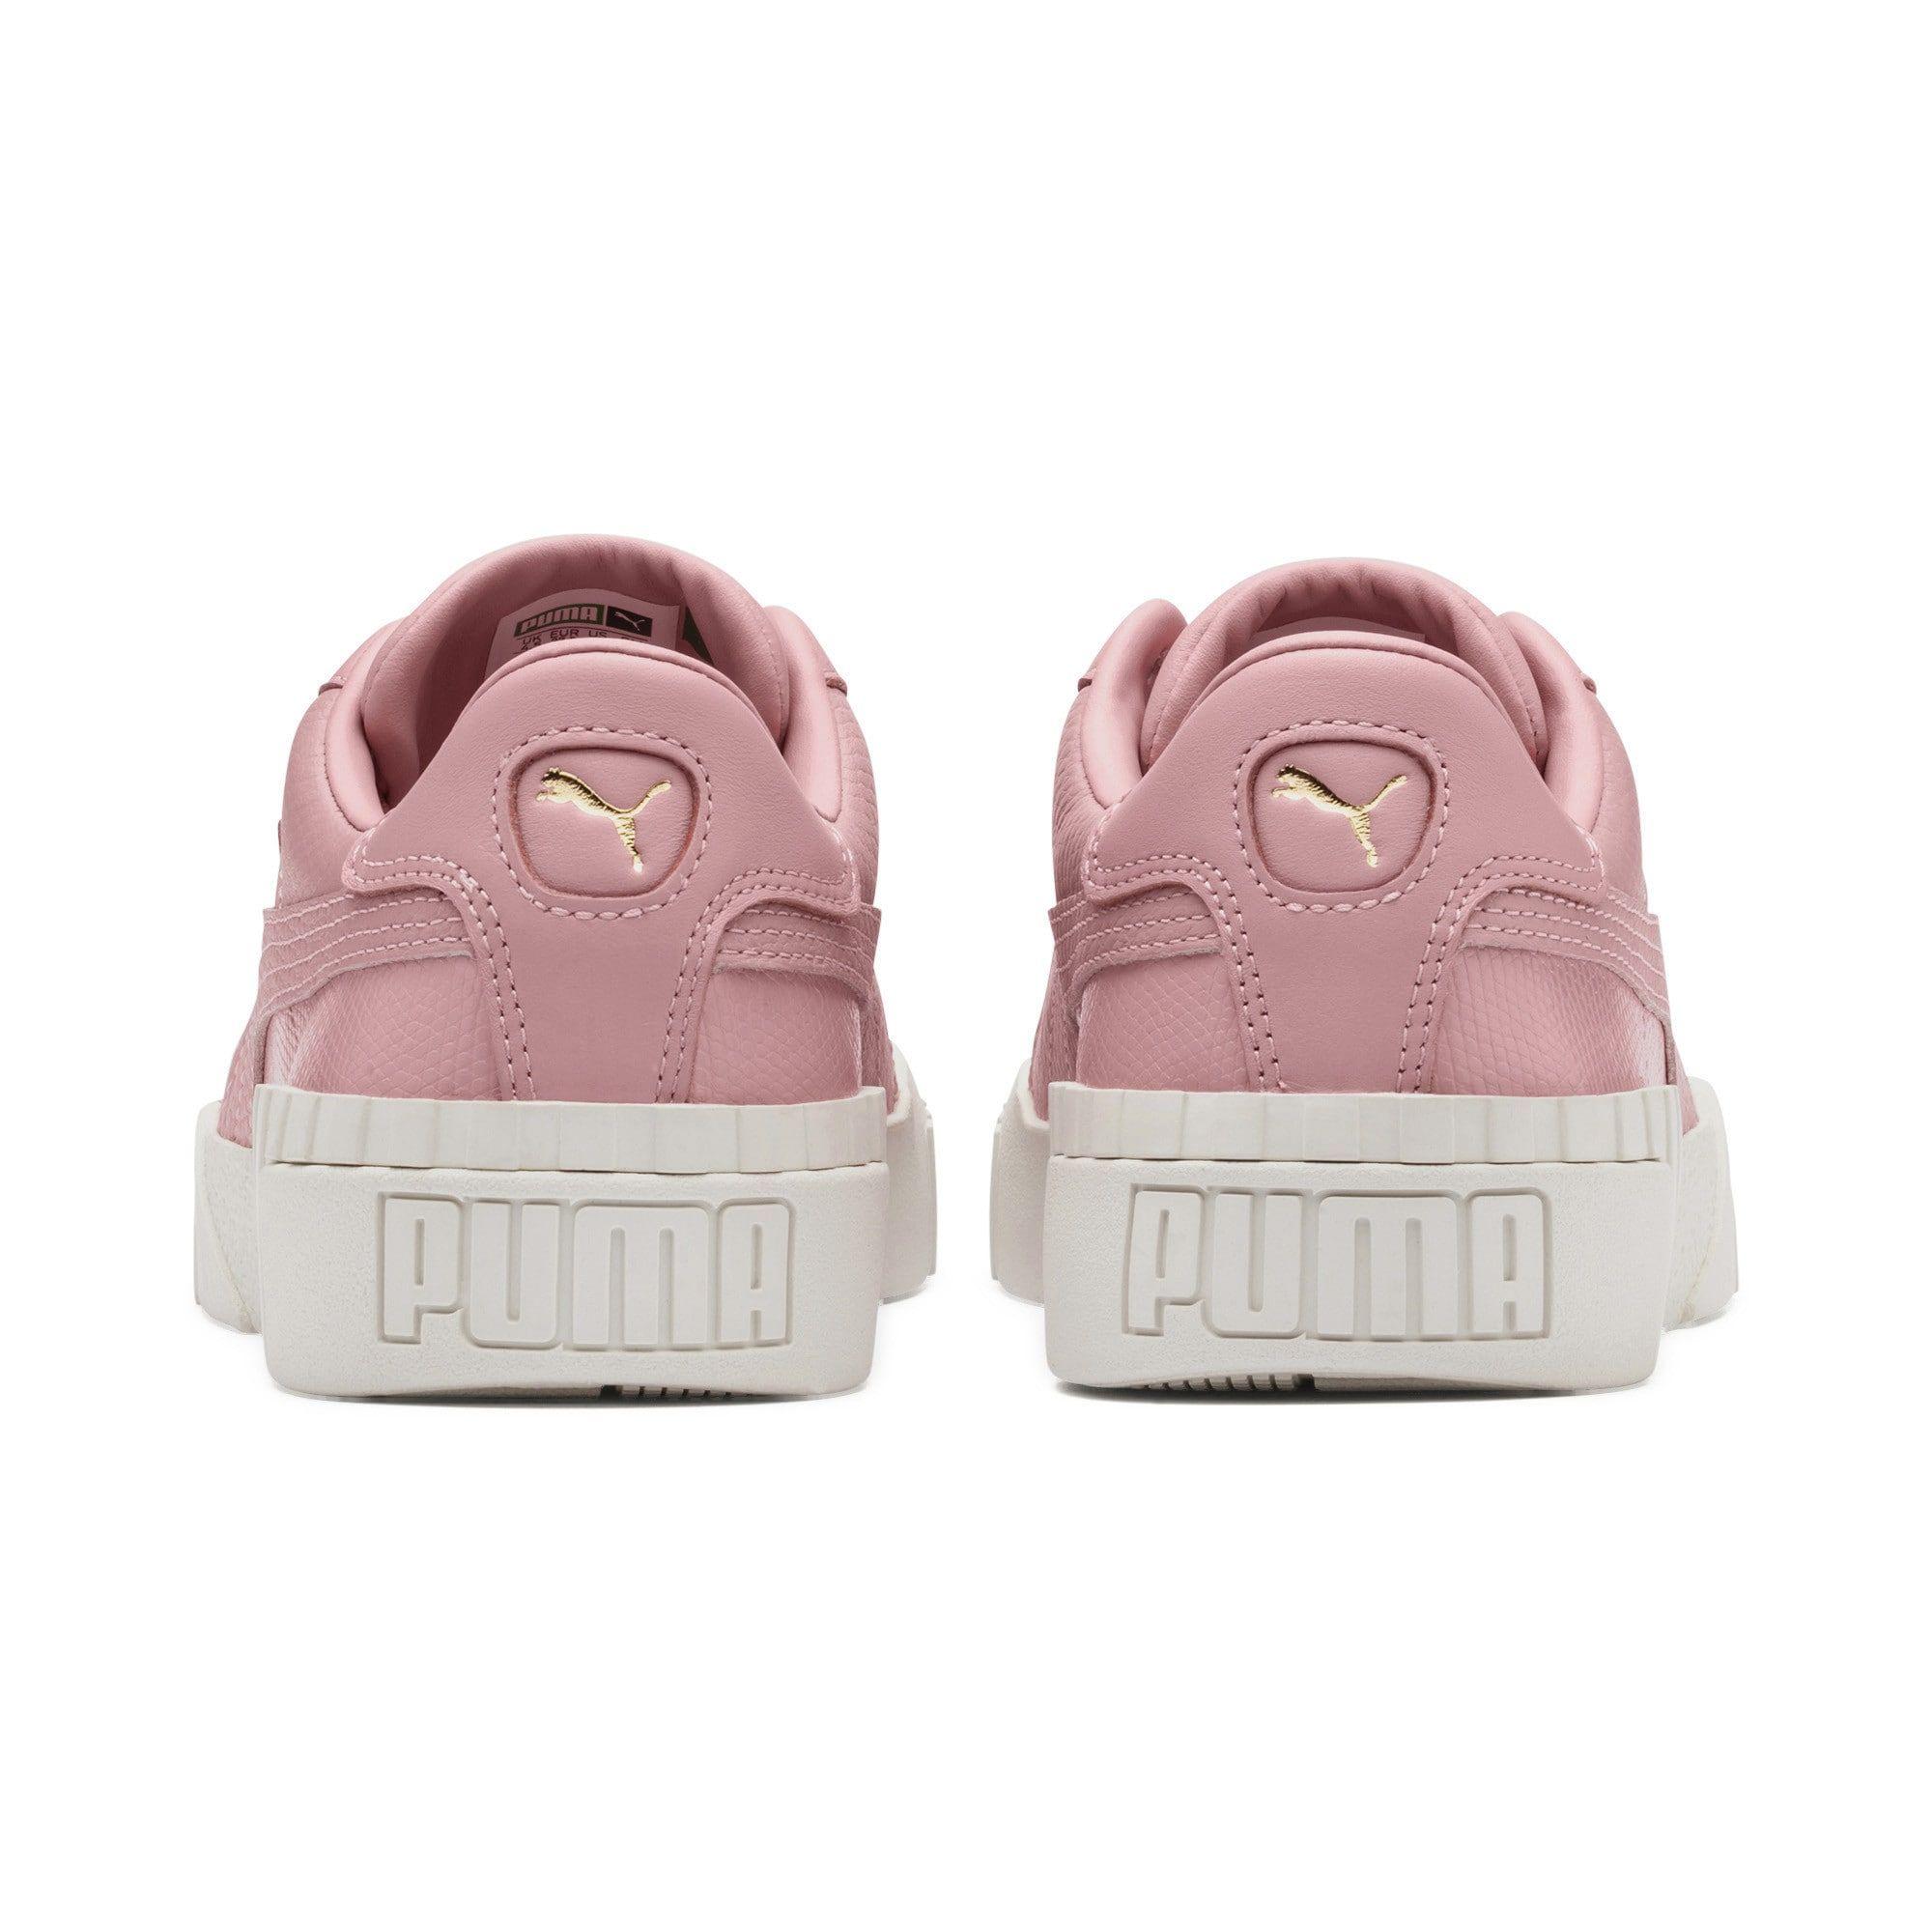 Puma Sneaker Cali Emboss Damen Altrosa Weiss Grosse 41 Puma Sneaker Schuhe Damen Und Puma